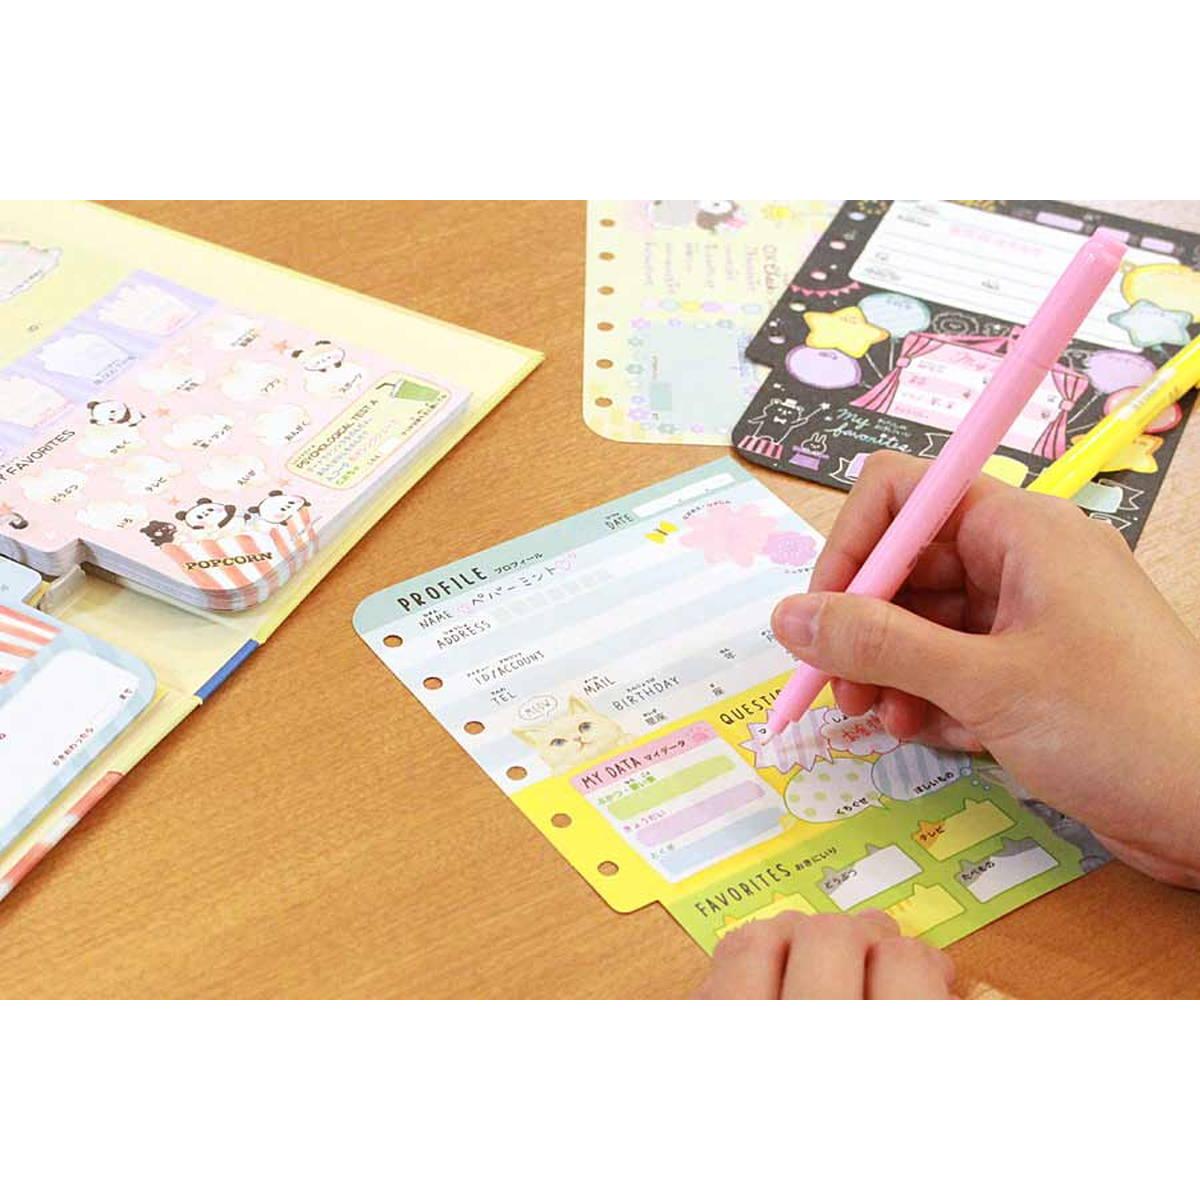 覚えてる? 小学校で大流行した「プロフィール帳」が進化していた!